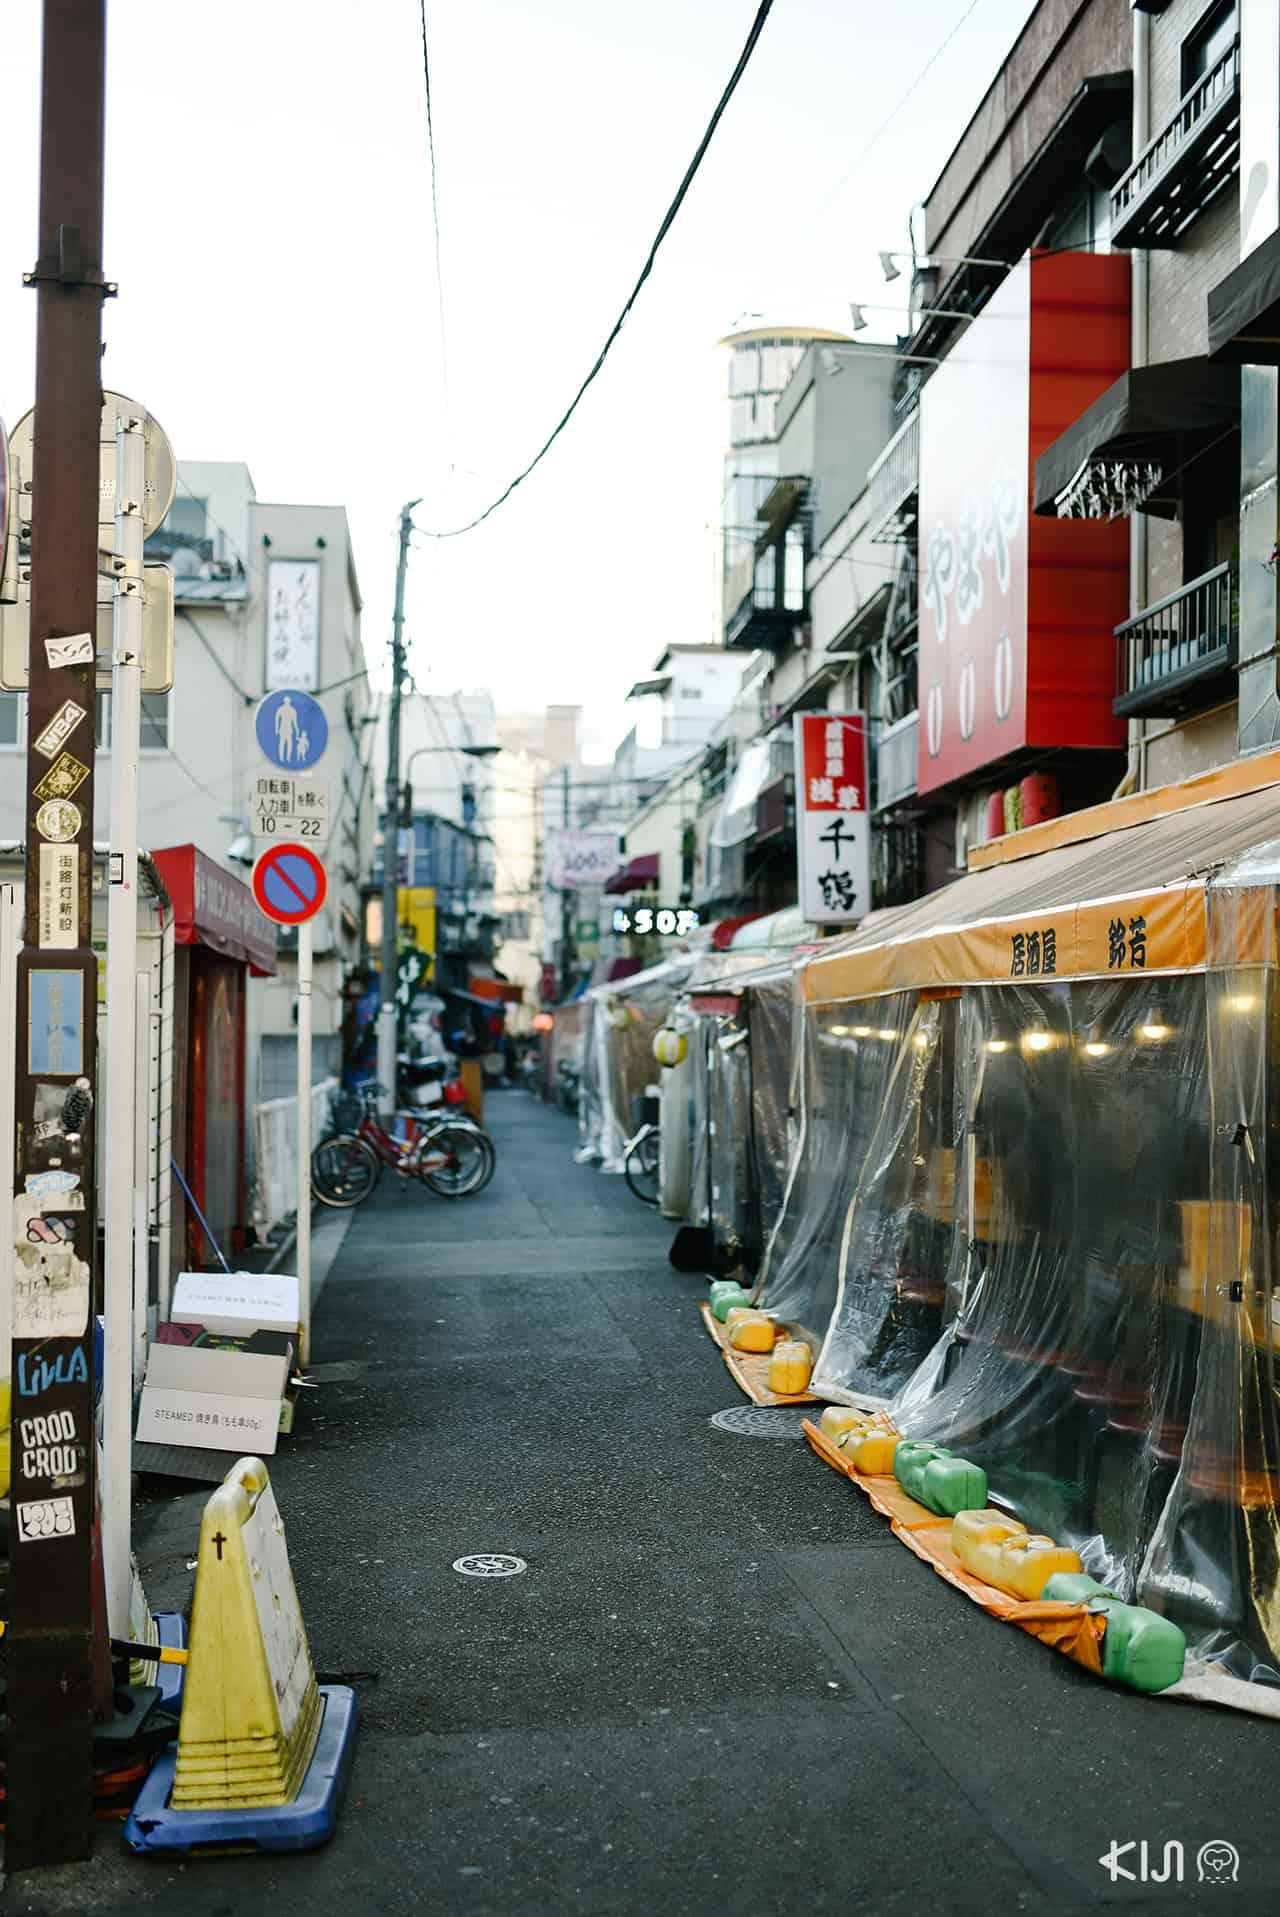 เที่ยว อาซากุสะ - ถนนฮ็อปปี้ (Hoppy Street)